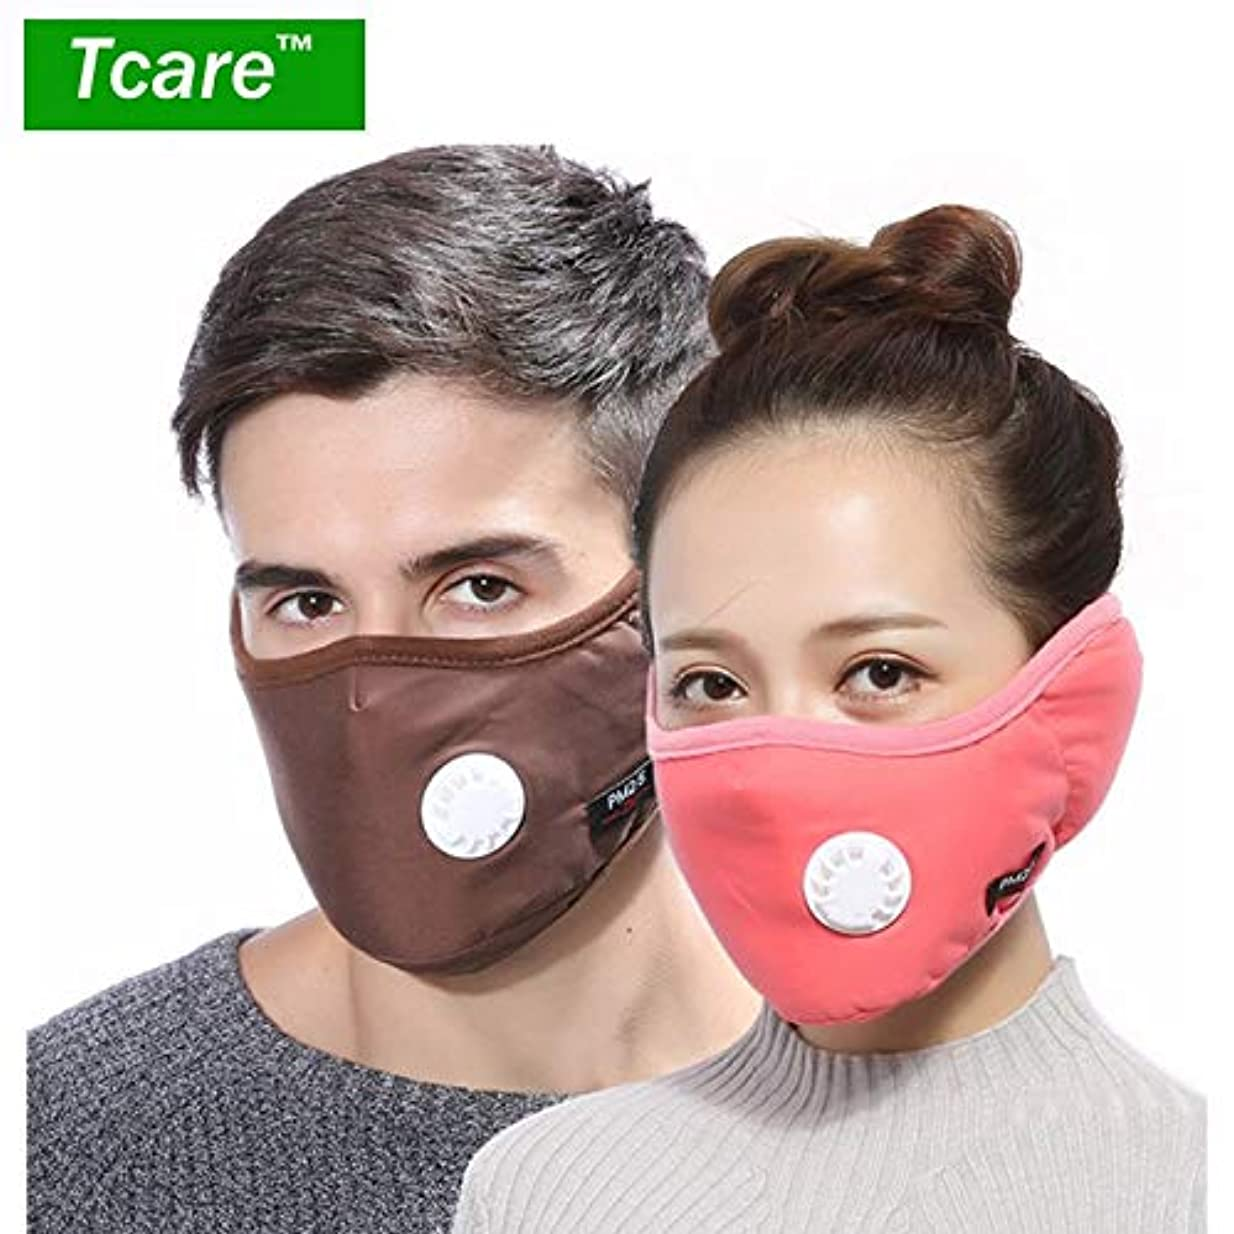 矢謎めいた最少4レッド:1 PM2.5マスクバルブコットンアンチダスト口マスクの冬のイヤーマフActtedフィルター付マスクでTcare 2